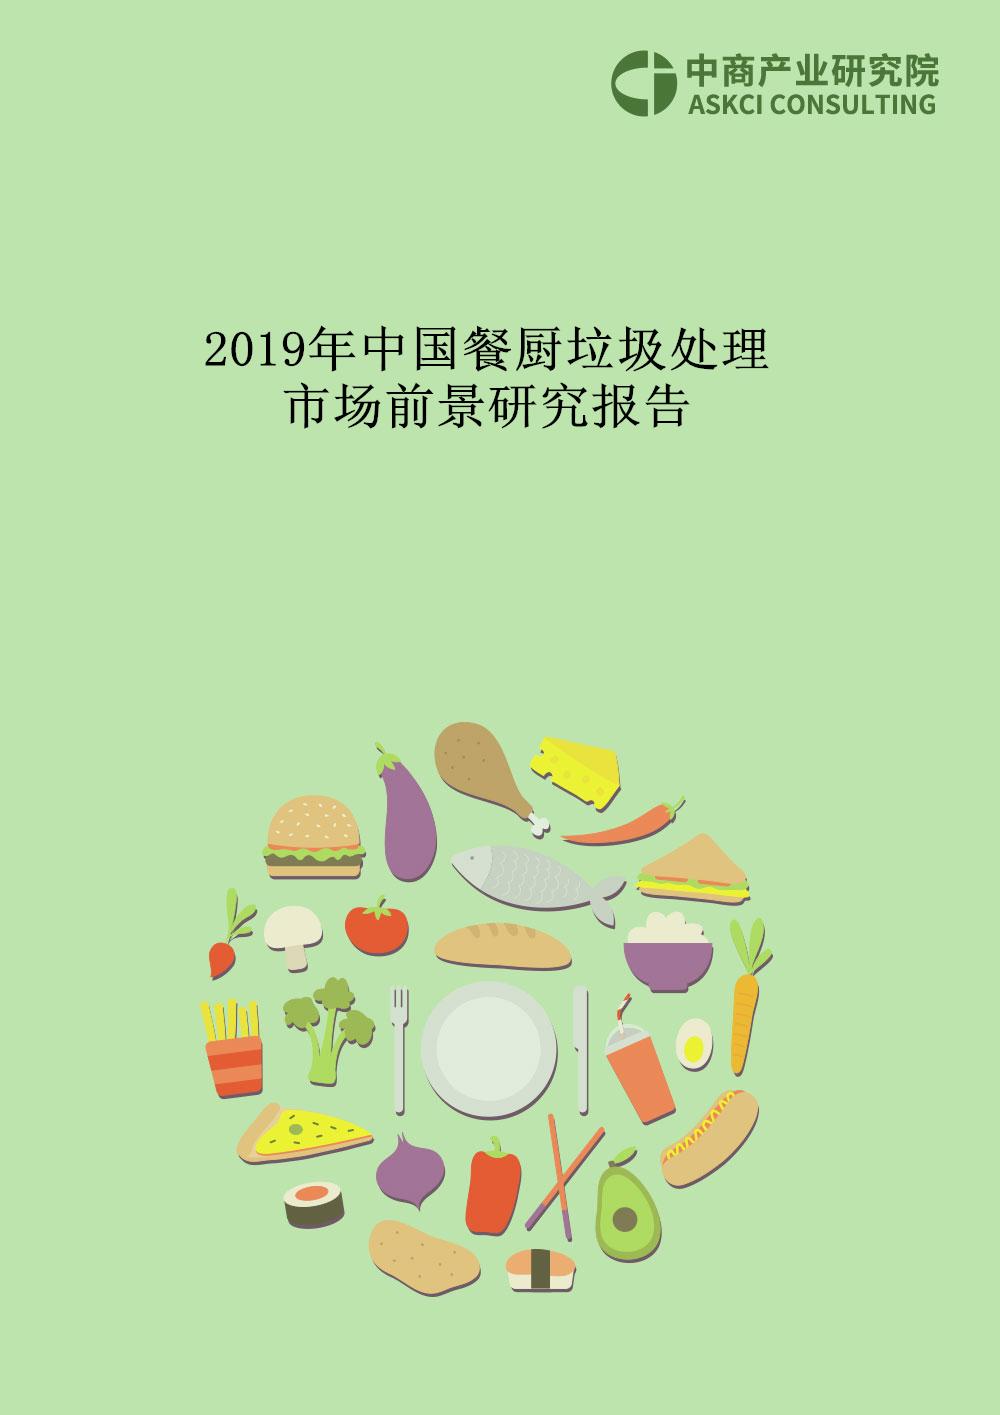 2019年中国餐厨垃圾处理市场前景研究报告